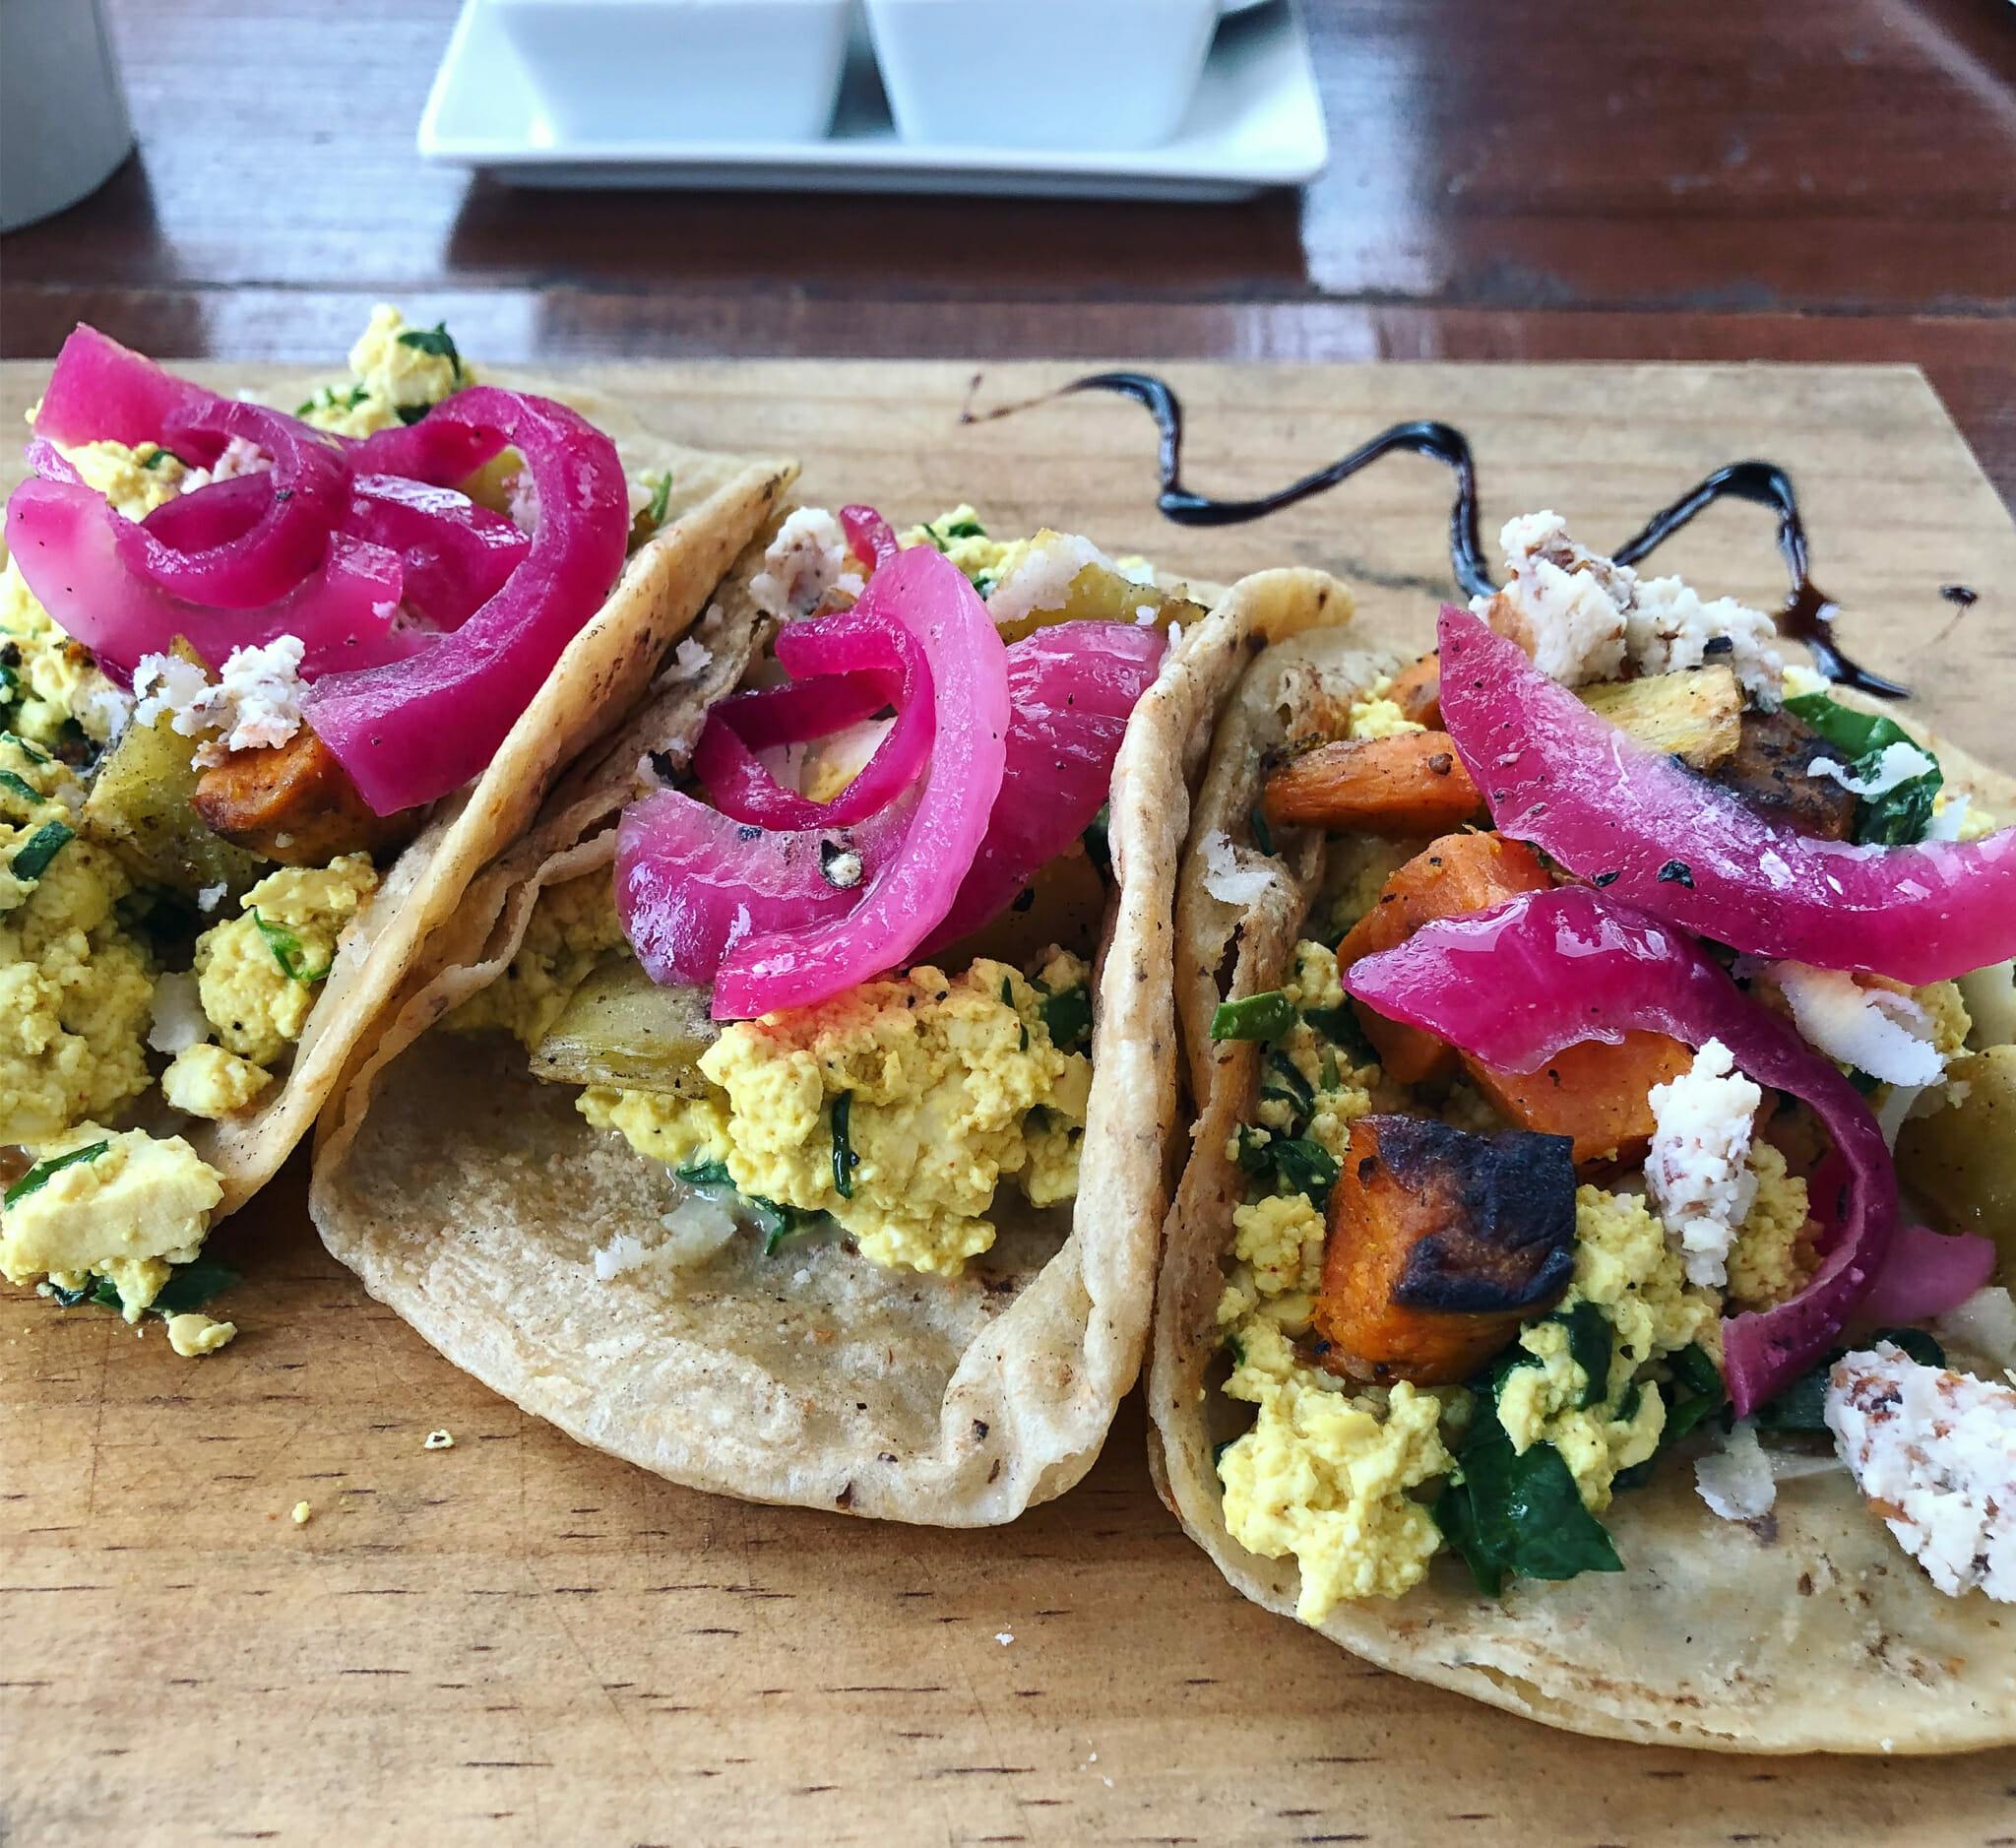 Breakfast tacos from Chaya & Cacao